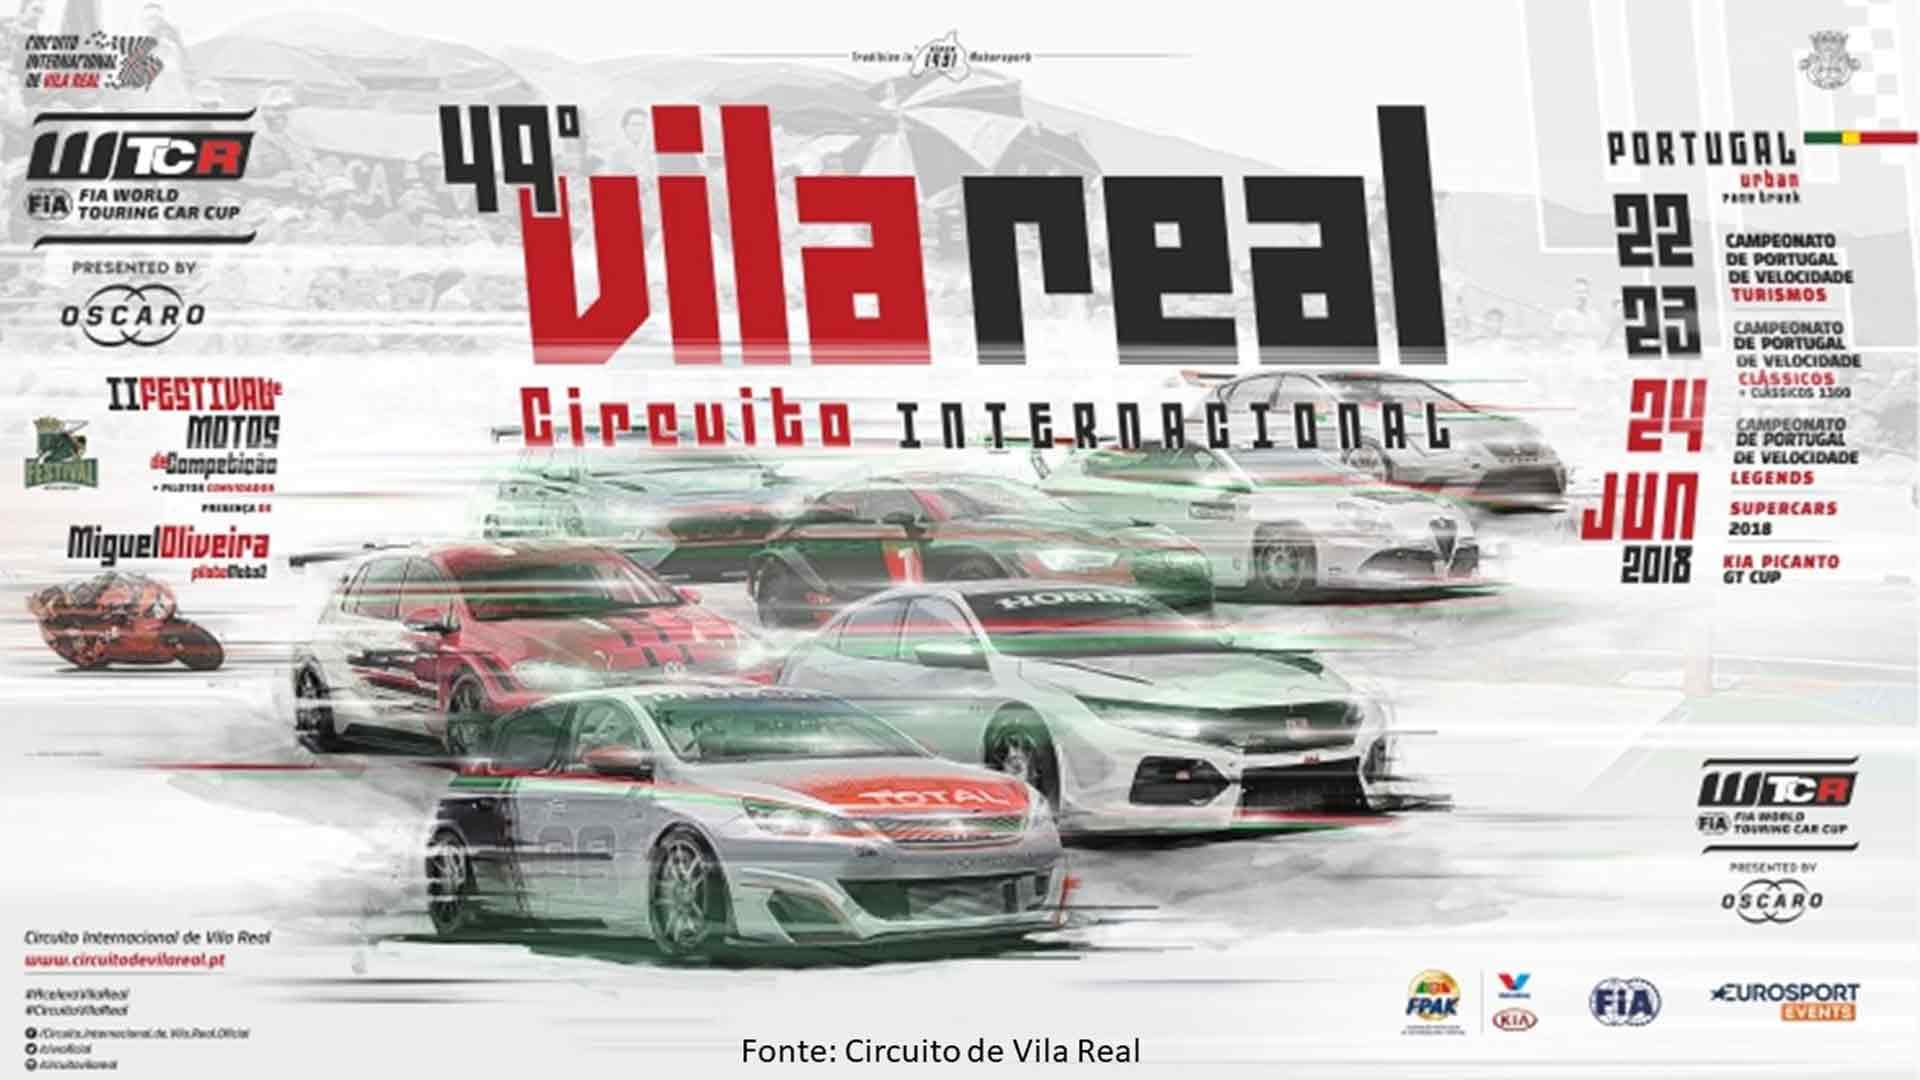 Circuito Vila Real : Circuito de vila real ft já fez as malas